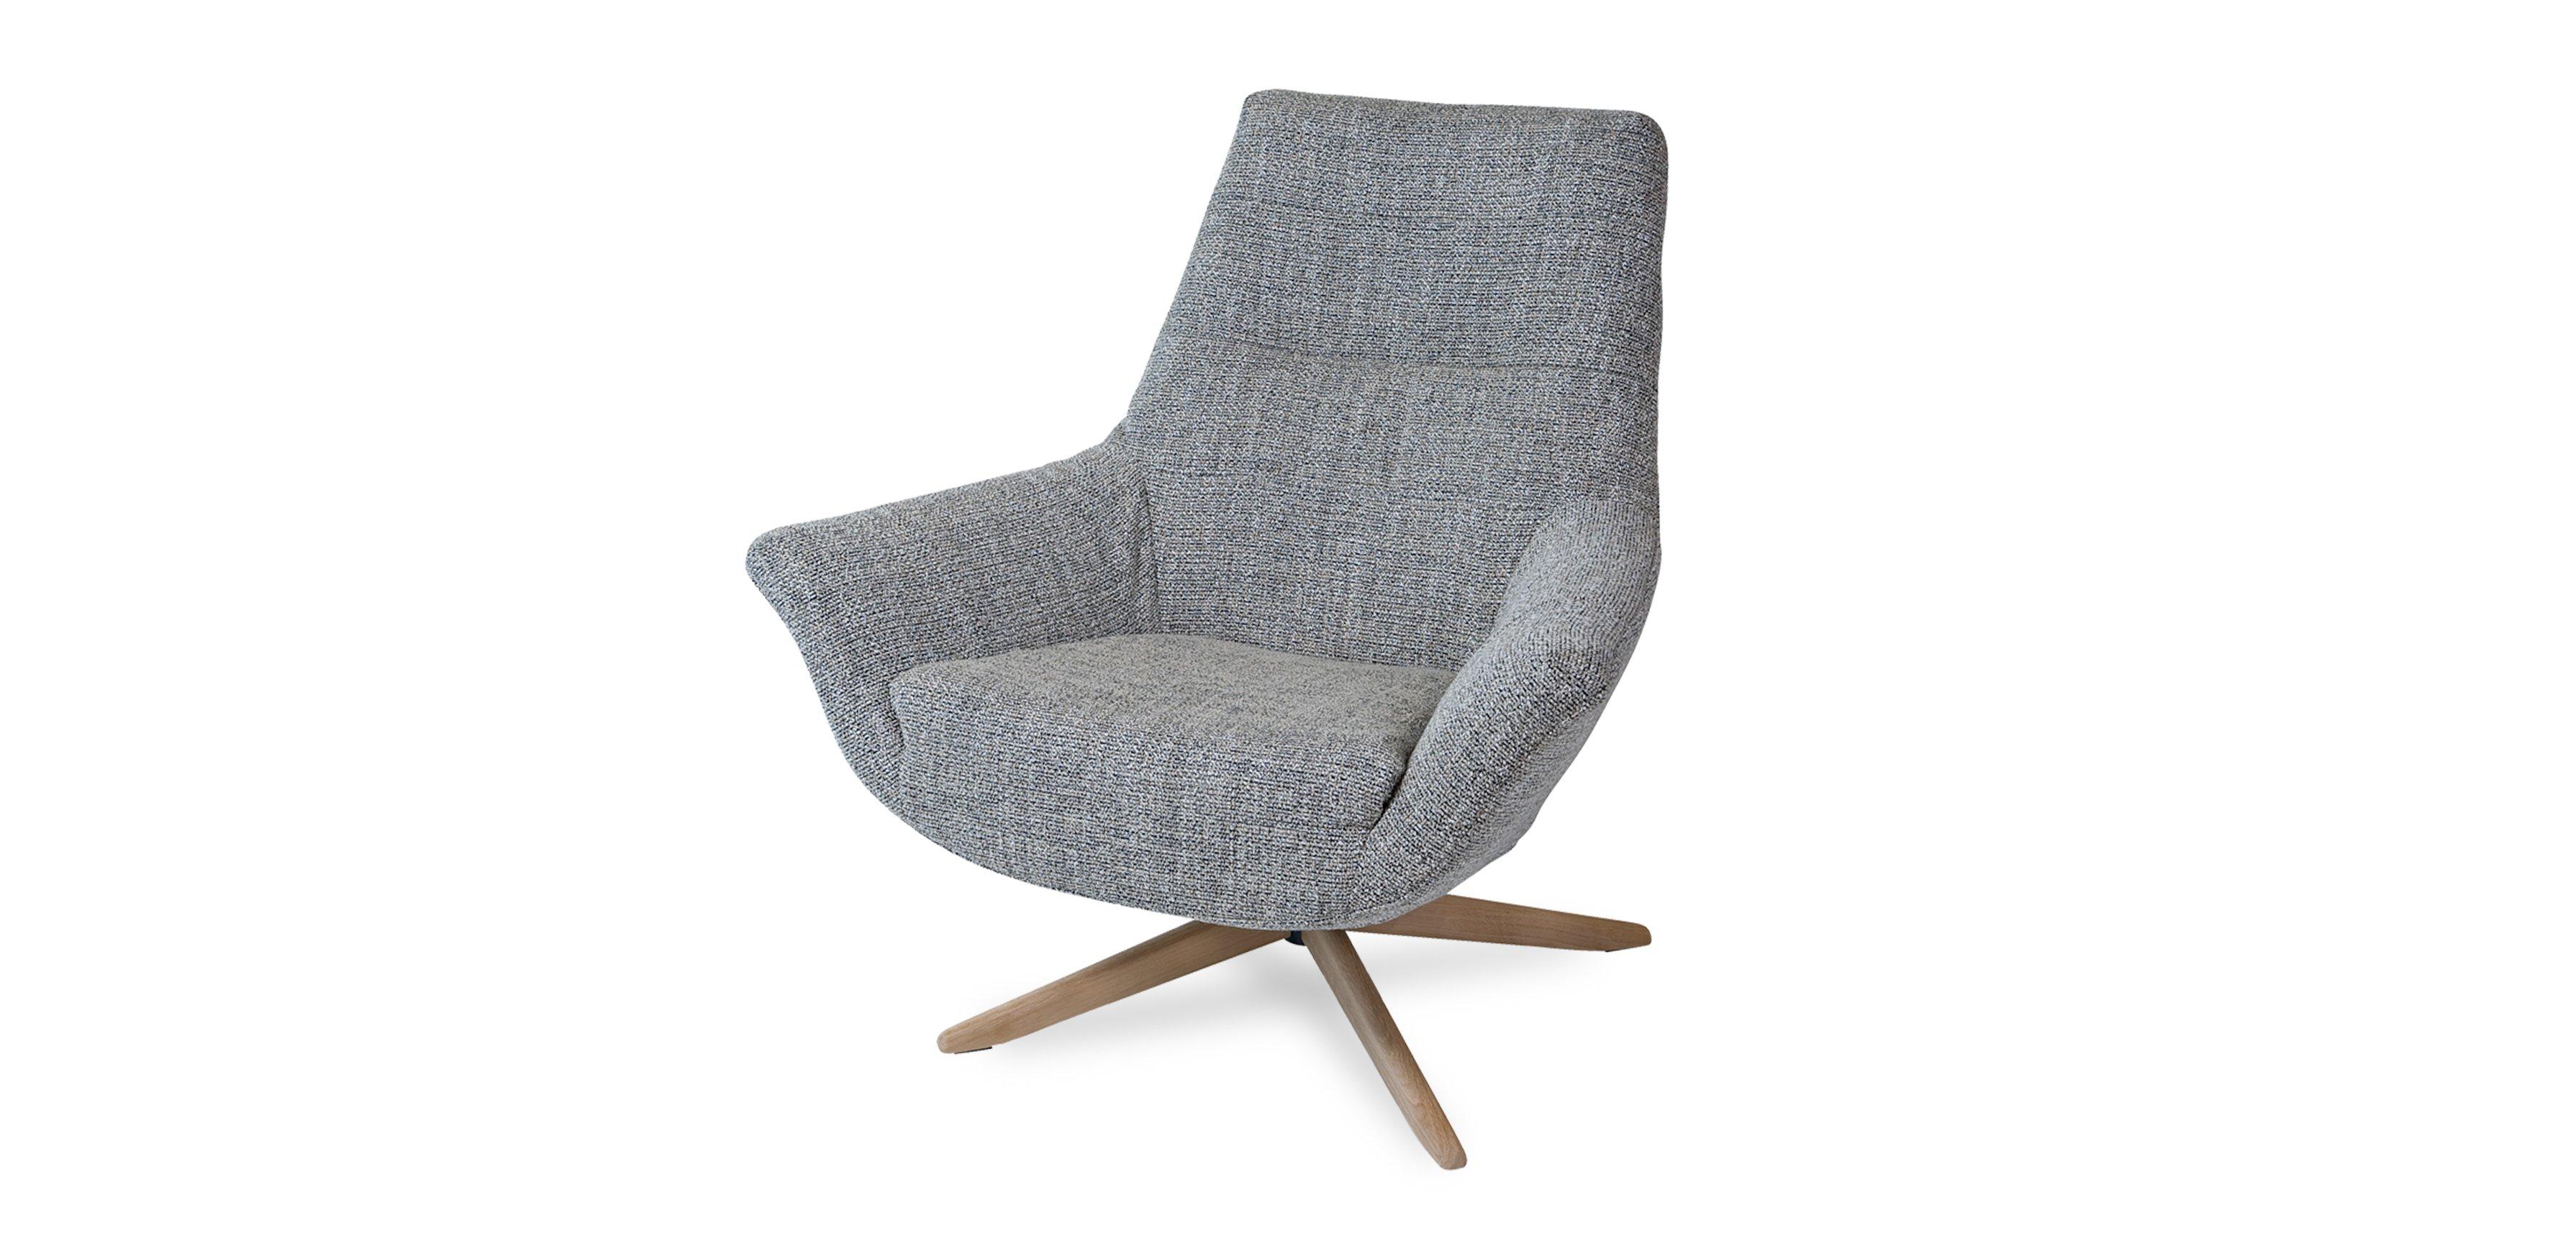 Guz fauteuil DYYK 4